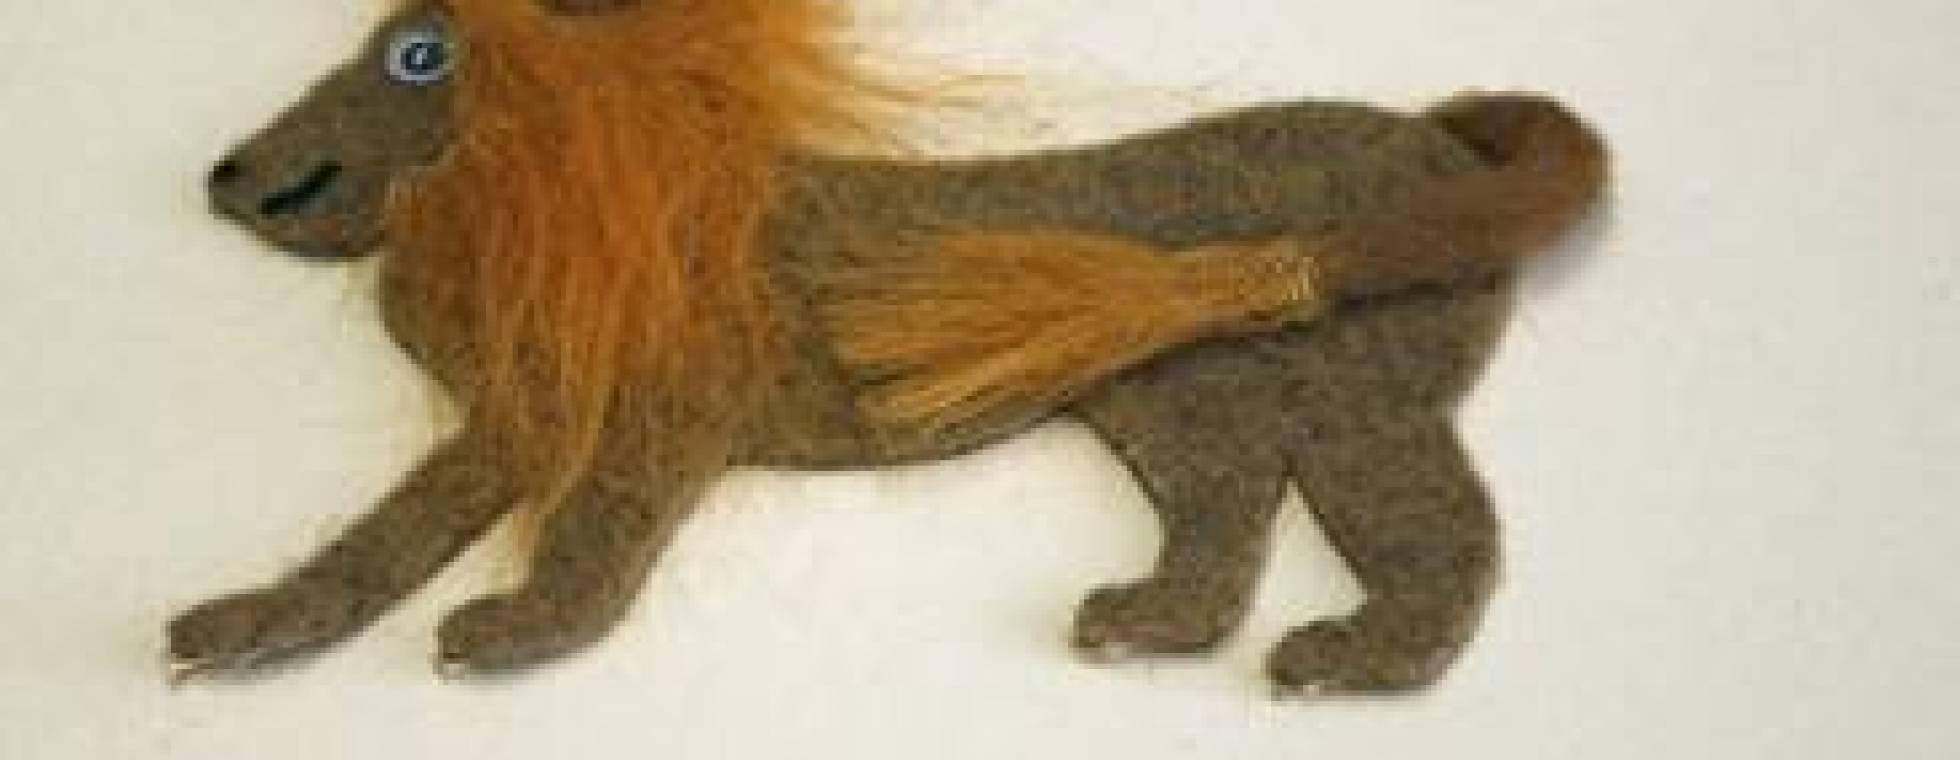 Taktile Kinderbücher - Der Löwe der nicht schreiben kann